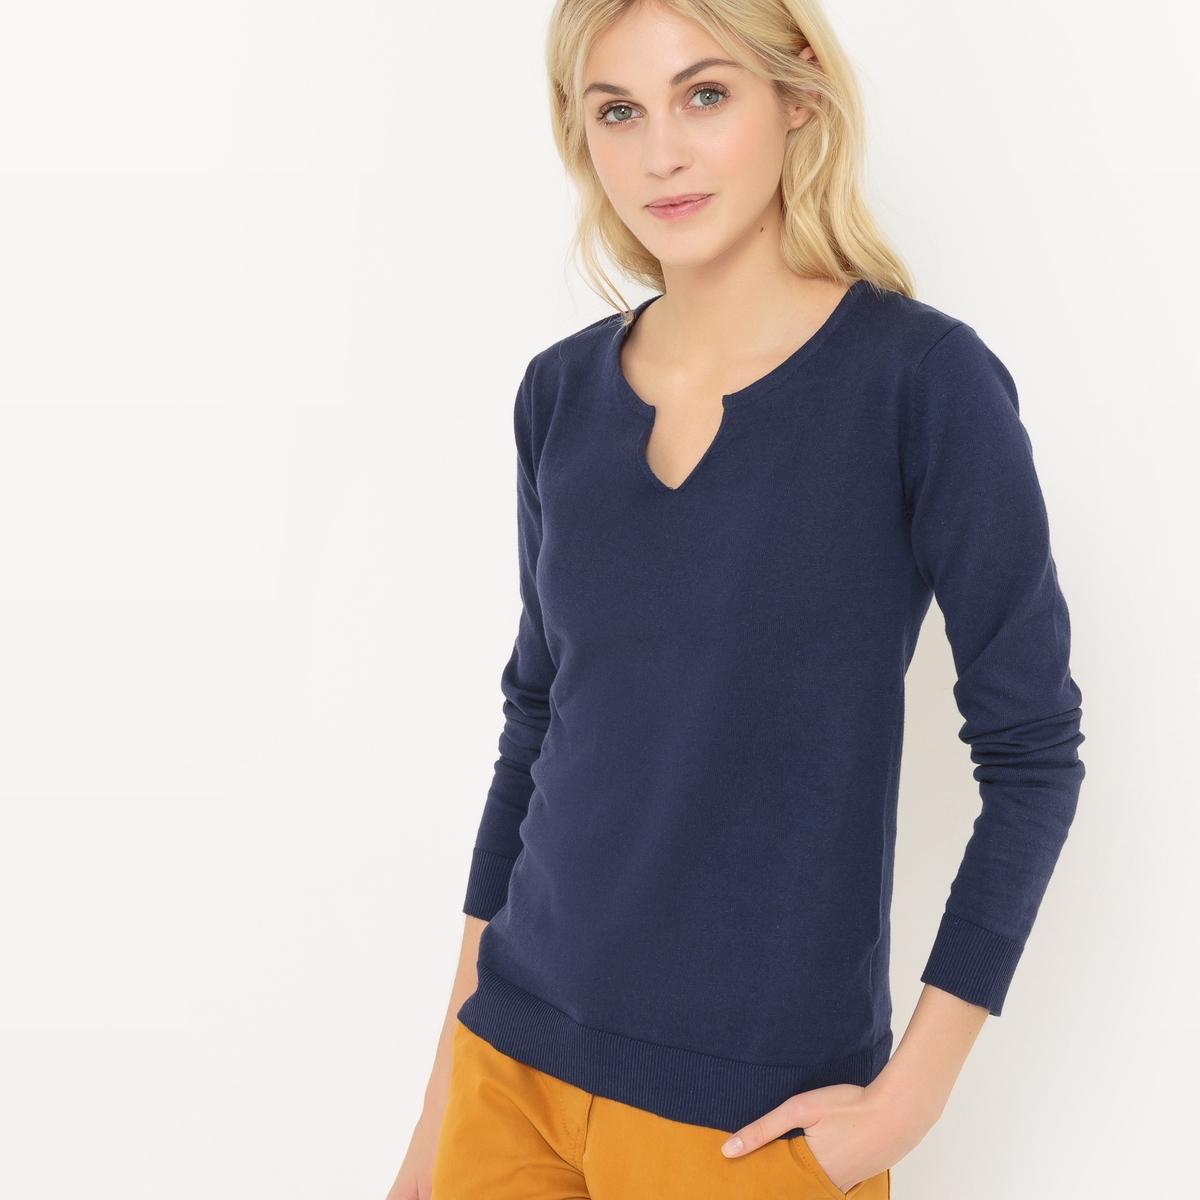 Пуловер с круглым вырезом с разрезом спереди из хлопка